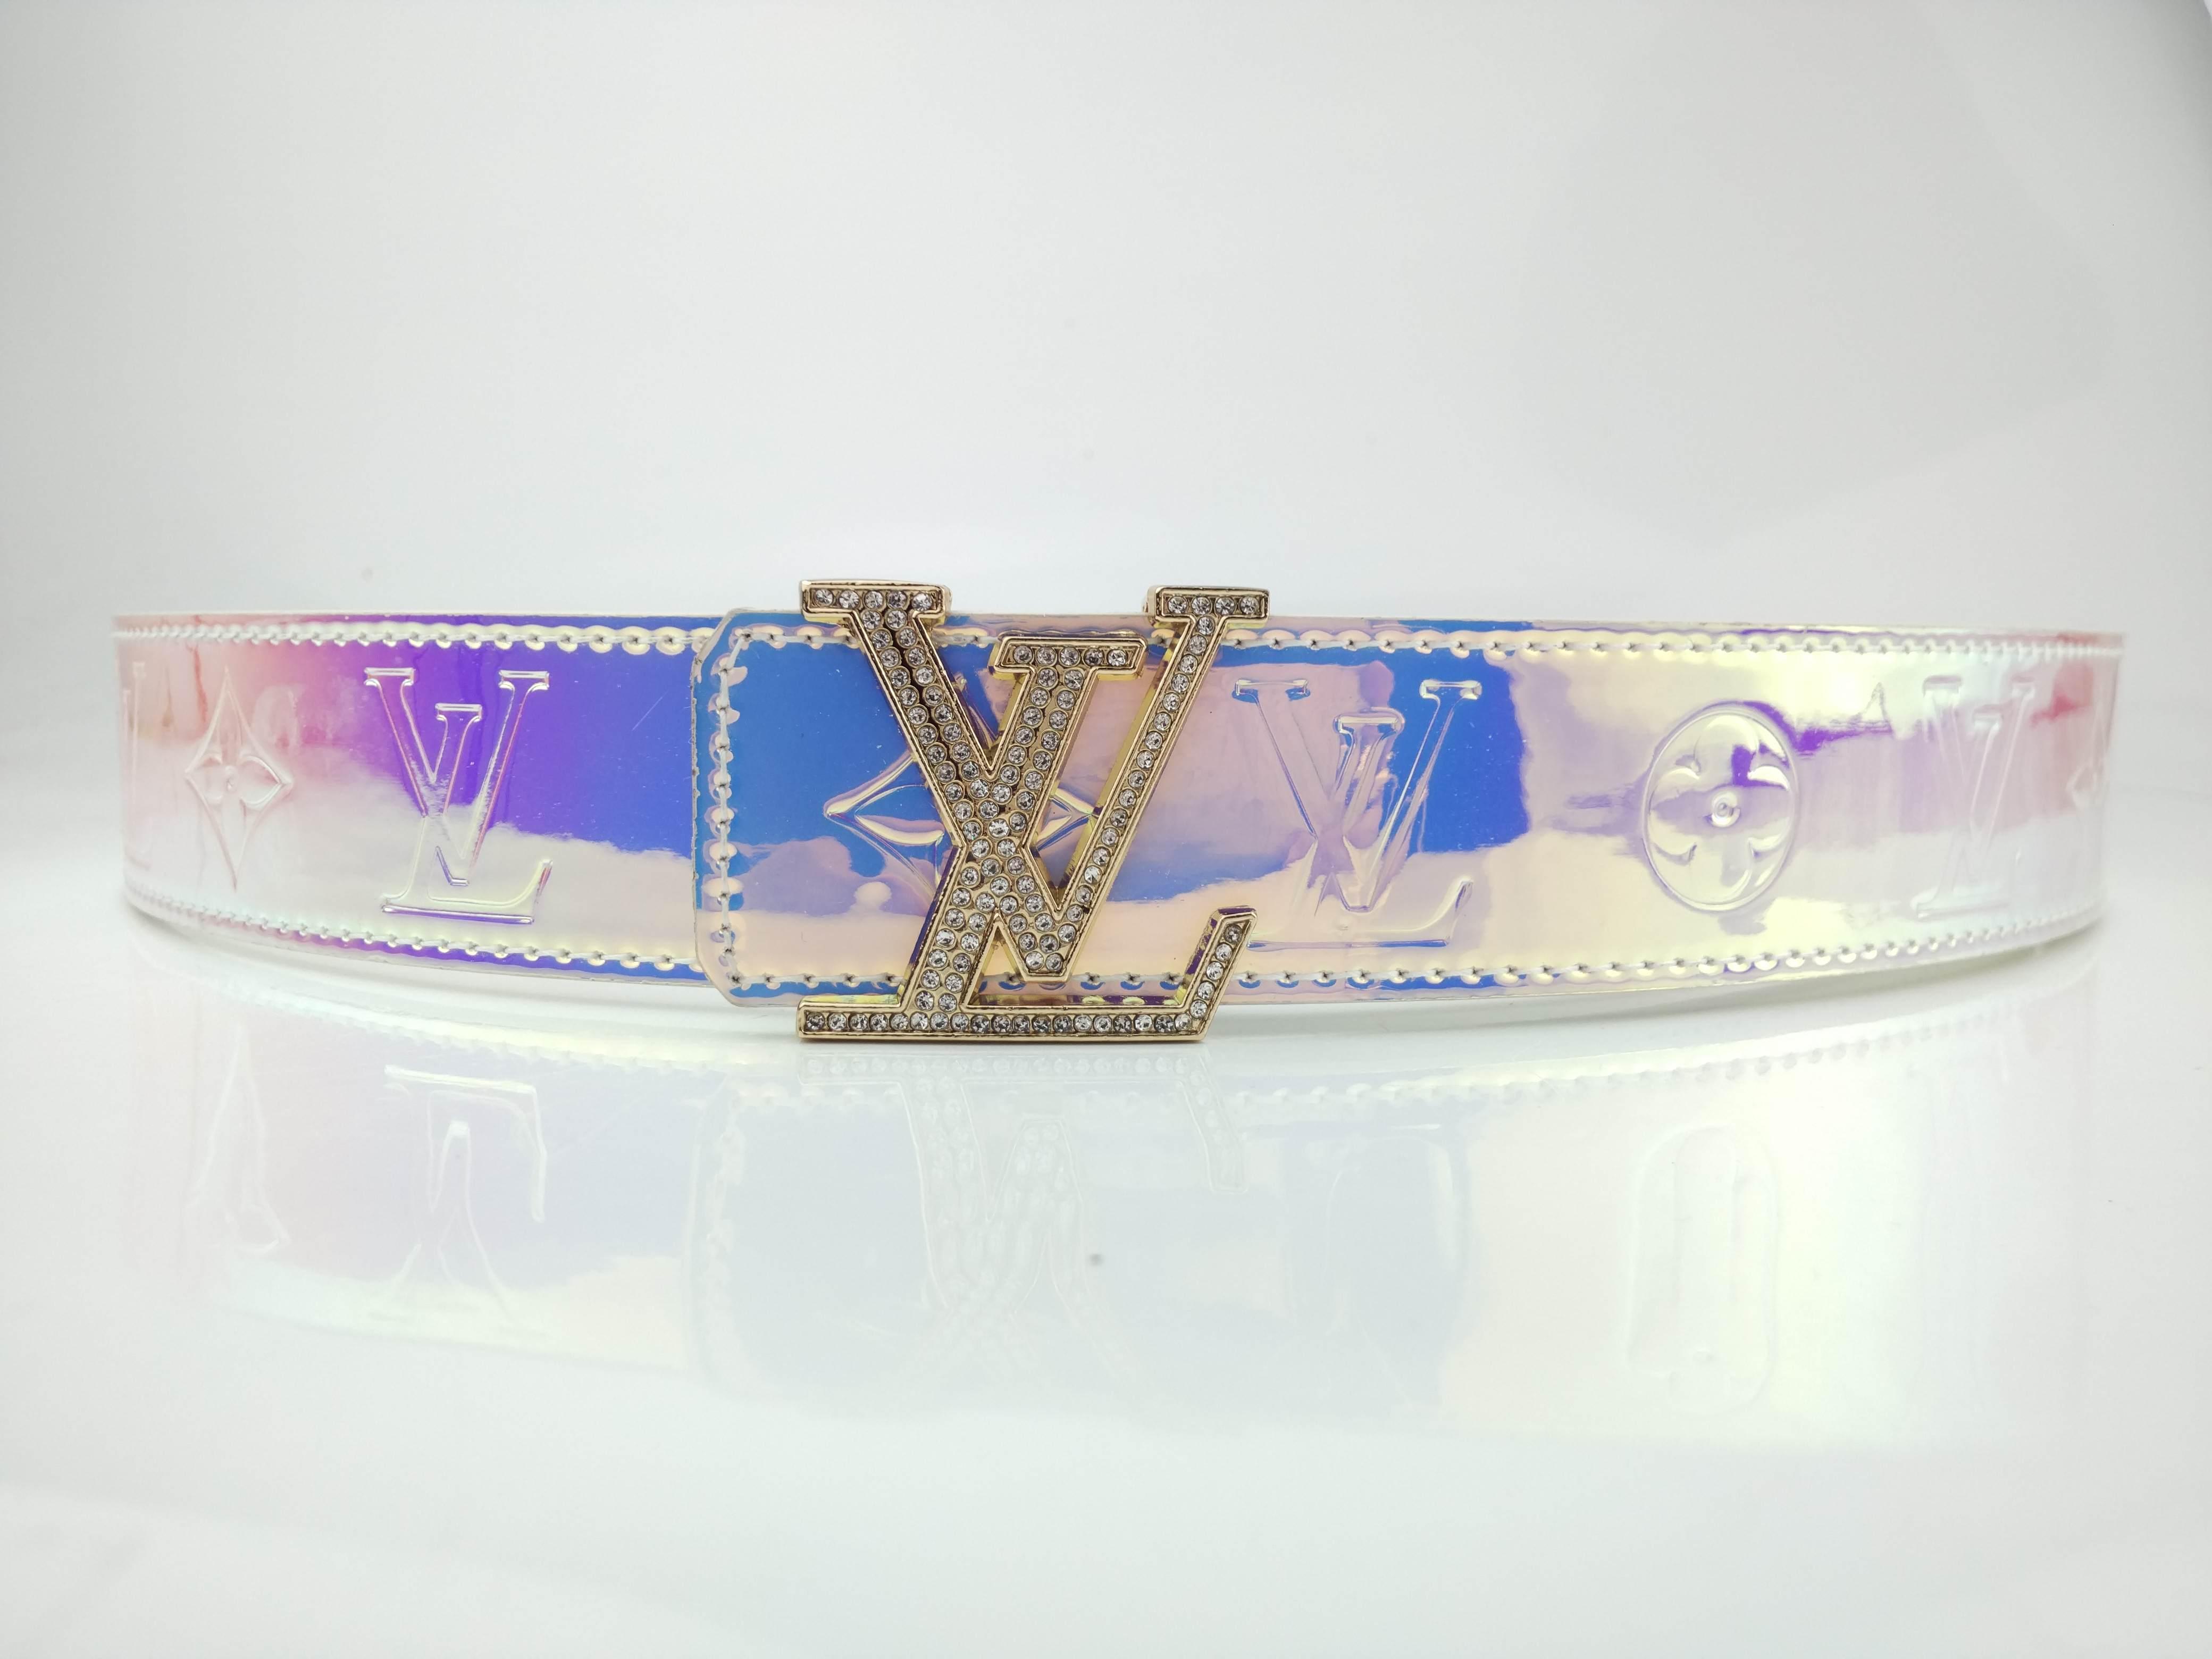 2020 ultima di vendita calda di modo cinghie di cuoio della cinghia delle donne d'argento degli uomini della lettera cintura fibbia della cintura degli animali per il trasporto libero regalo